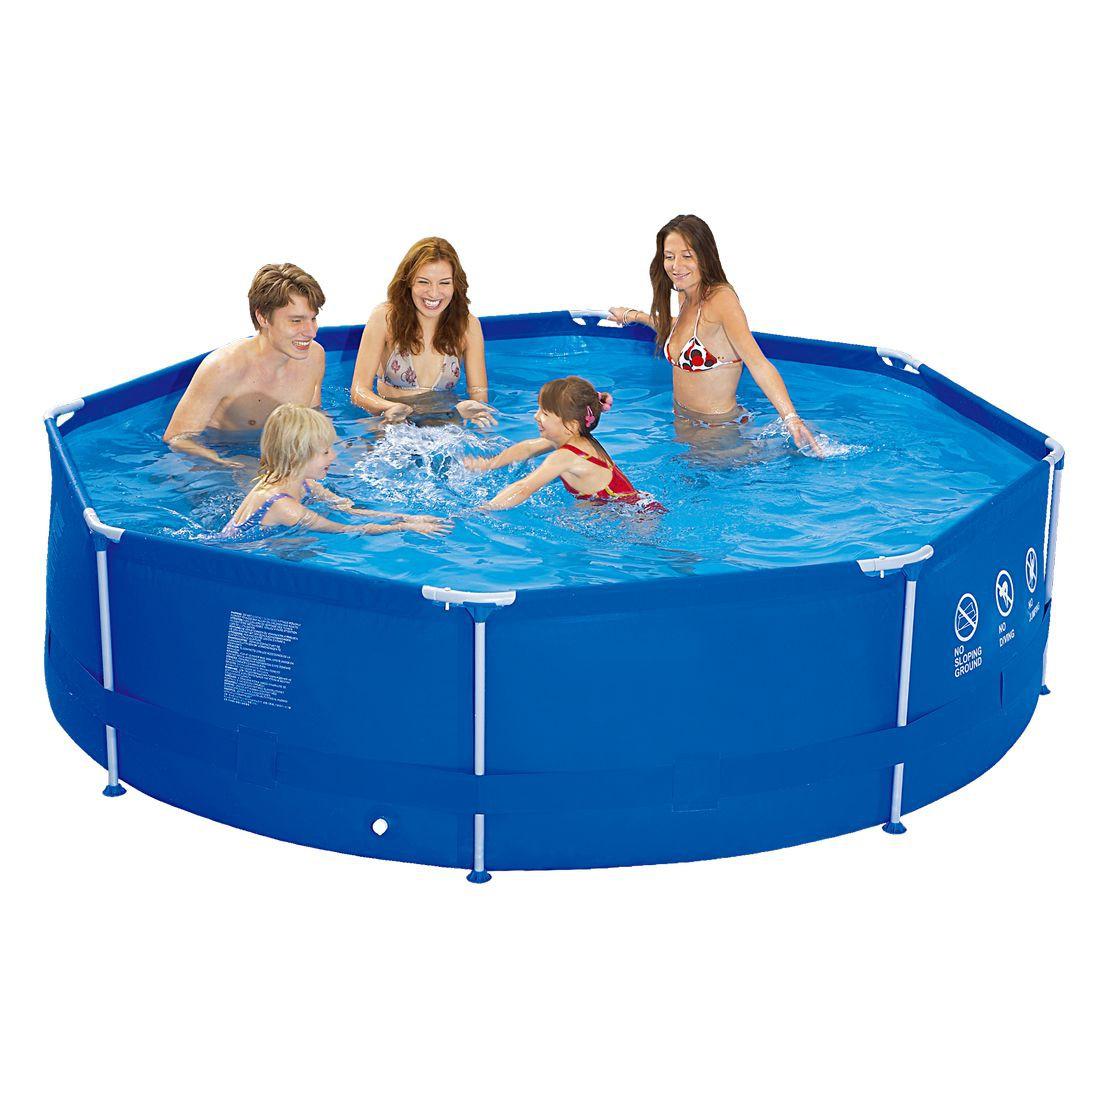 Jilong sirocco blue 540 set piscine cadre en acier for Accessoire piscine jilong